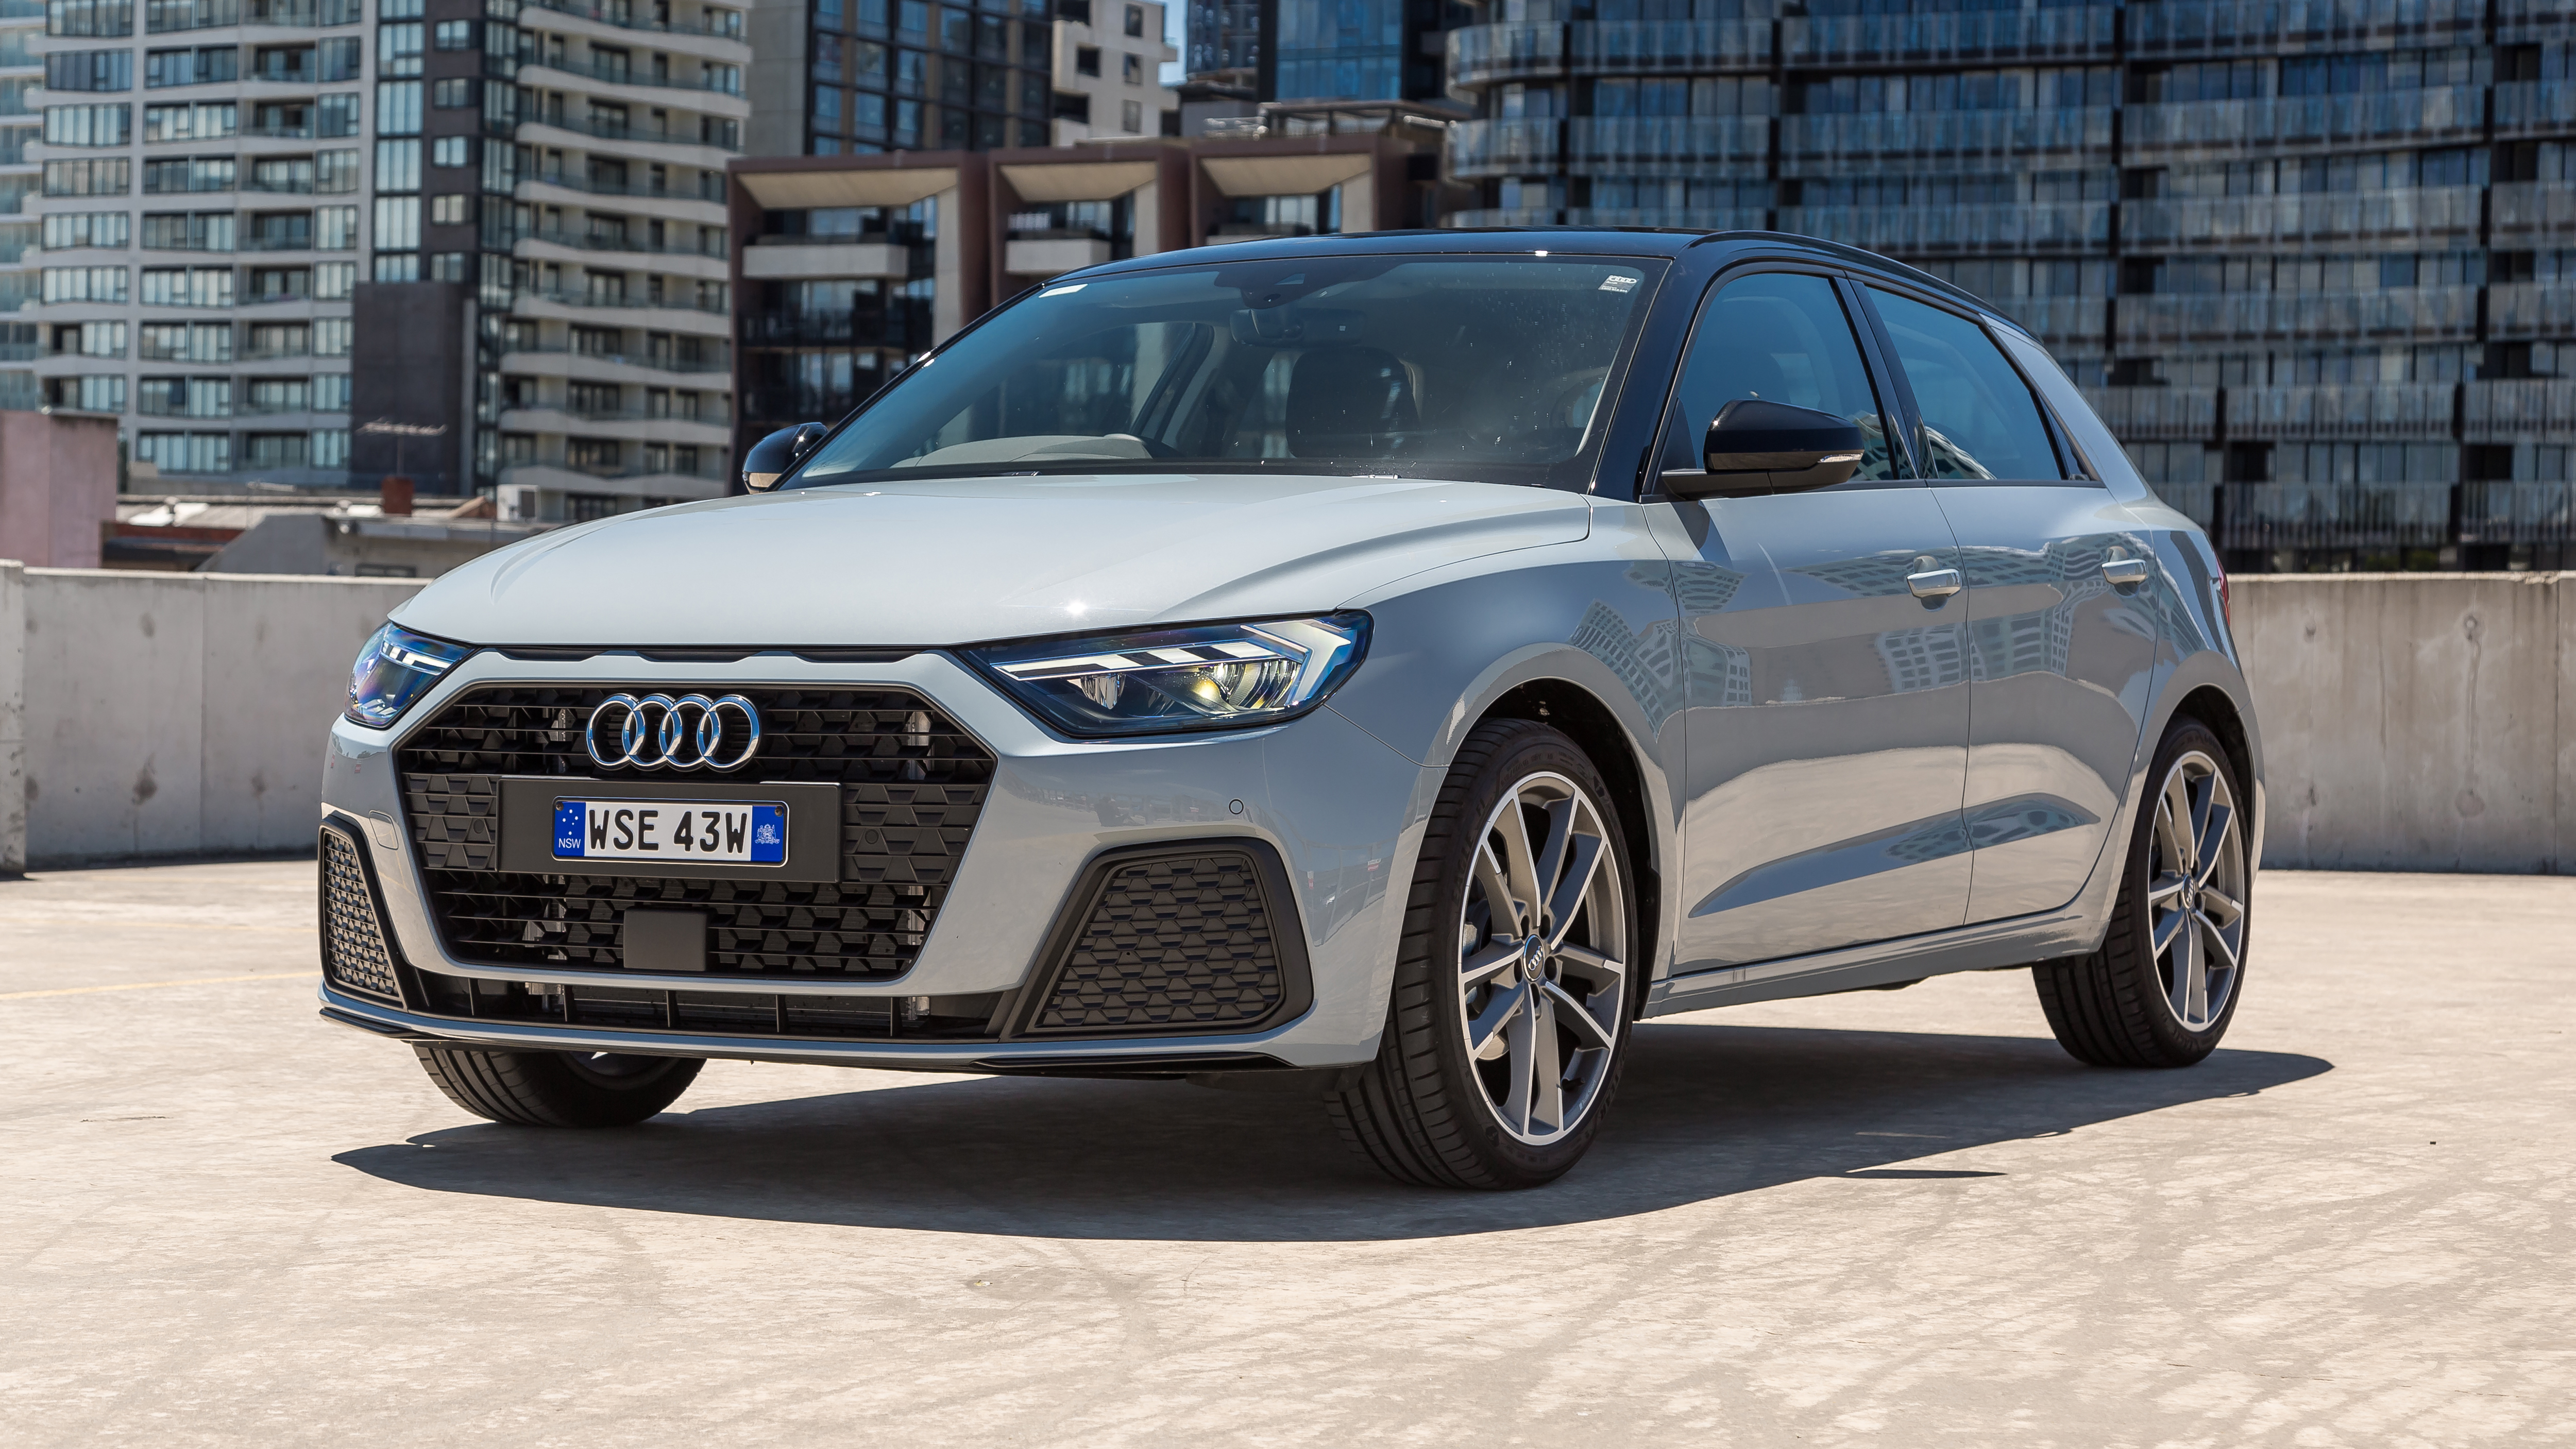 2019 Audi A1 35TFSI review